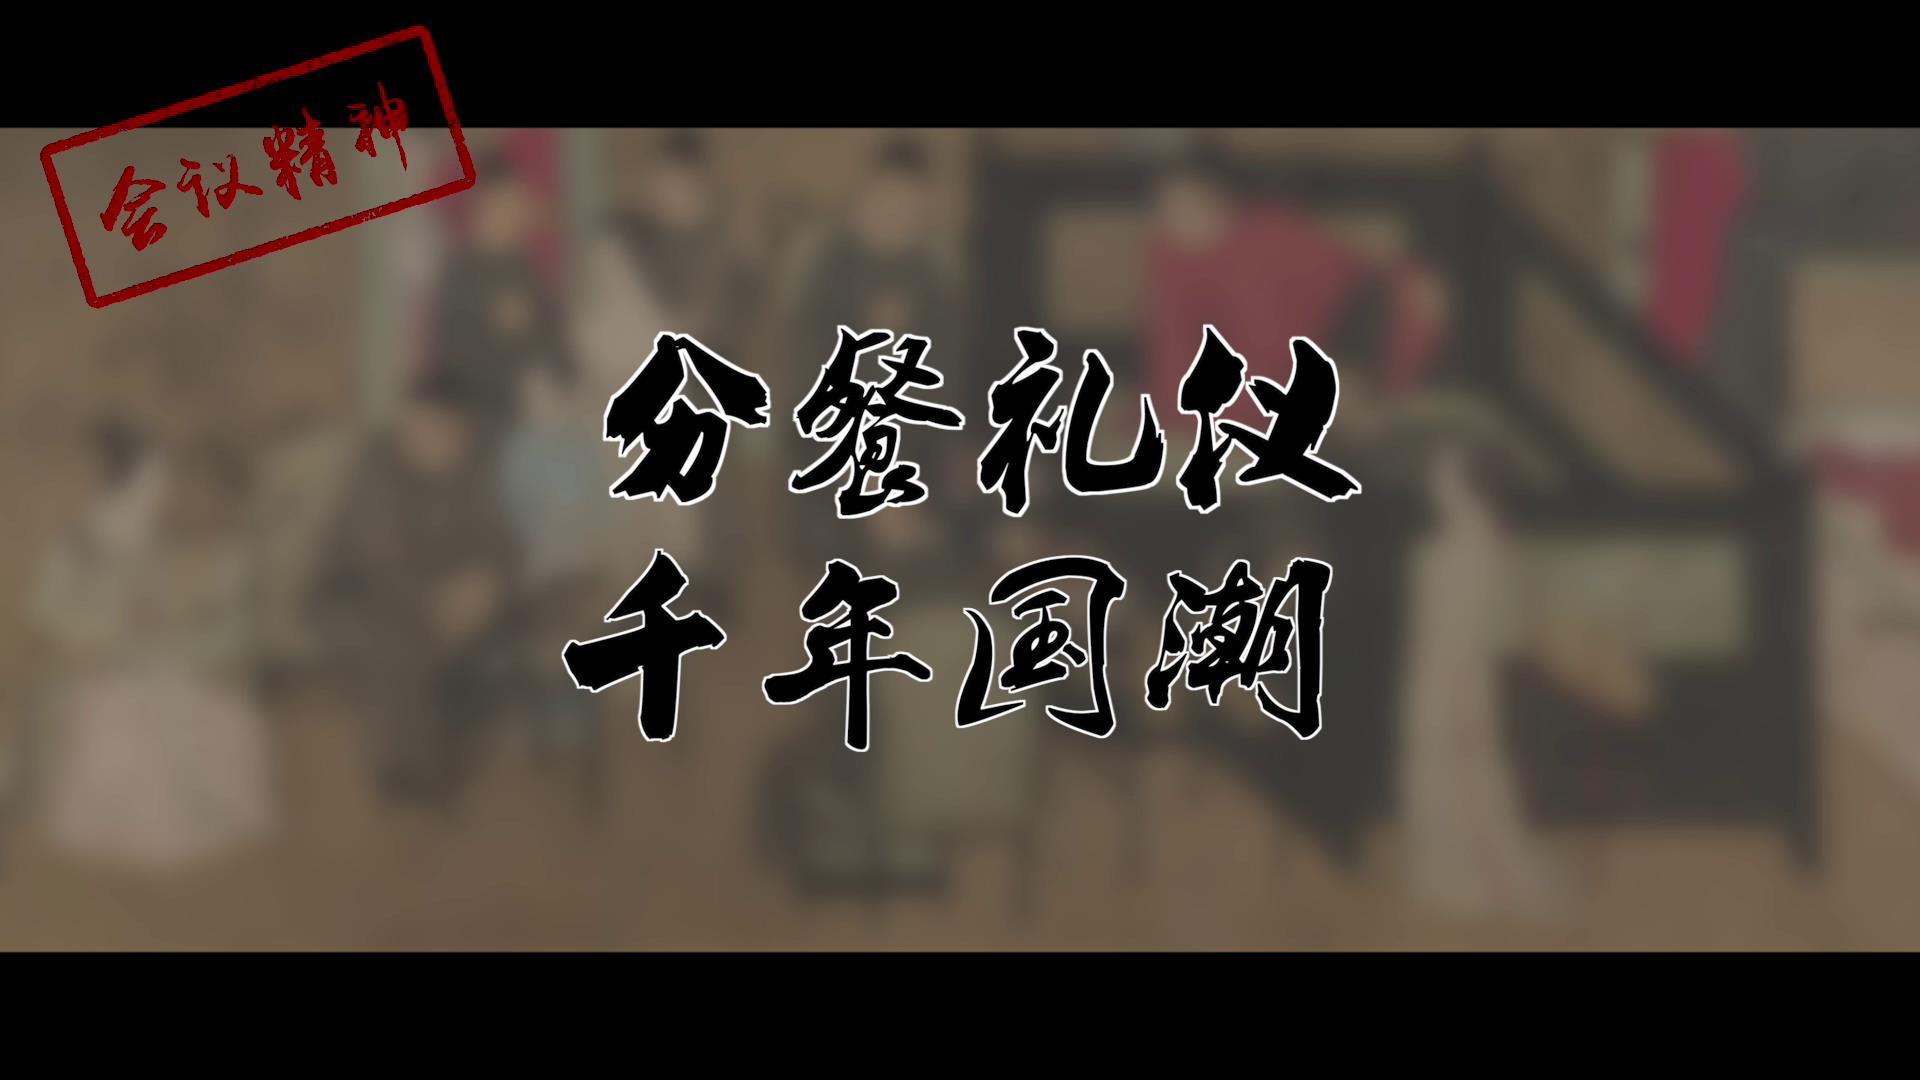 江苏扬州: 分餐礼仪 千年国潮[封面图].jpg